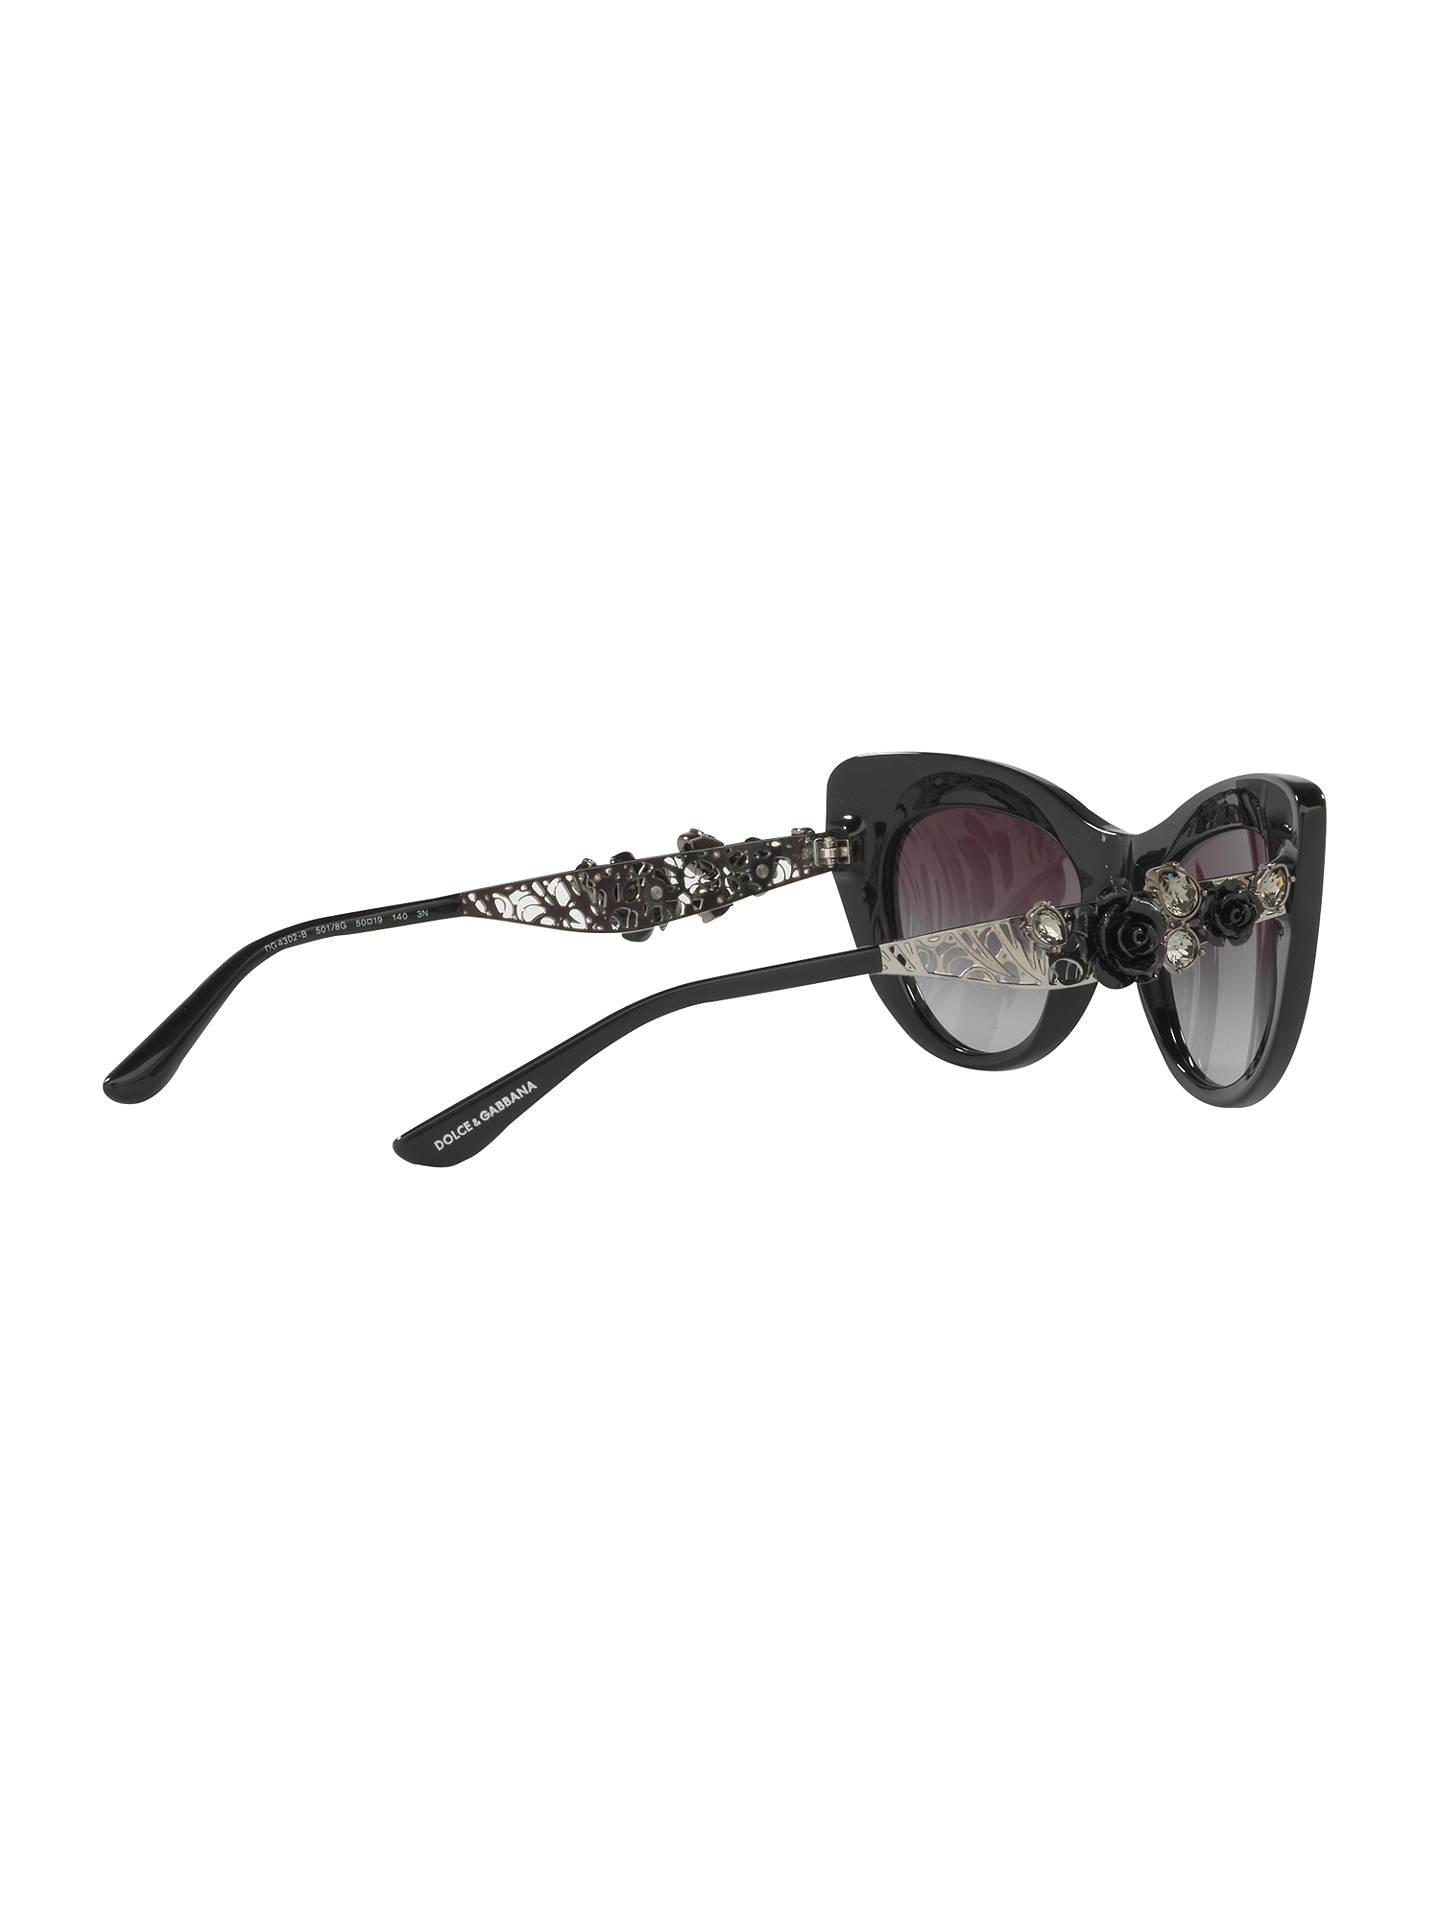 bf0bcd587586 ... Buy Dolce & Gabbana DG4302B Flower Detail Cat's Eye Sunglasses, Dark  Brown Online at johnlewis